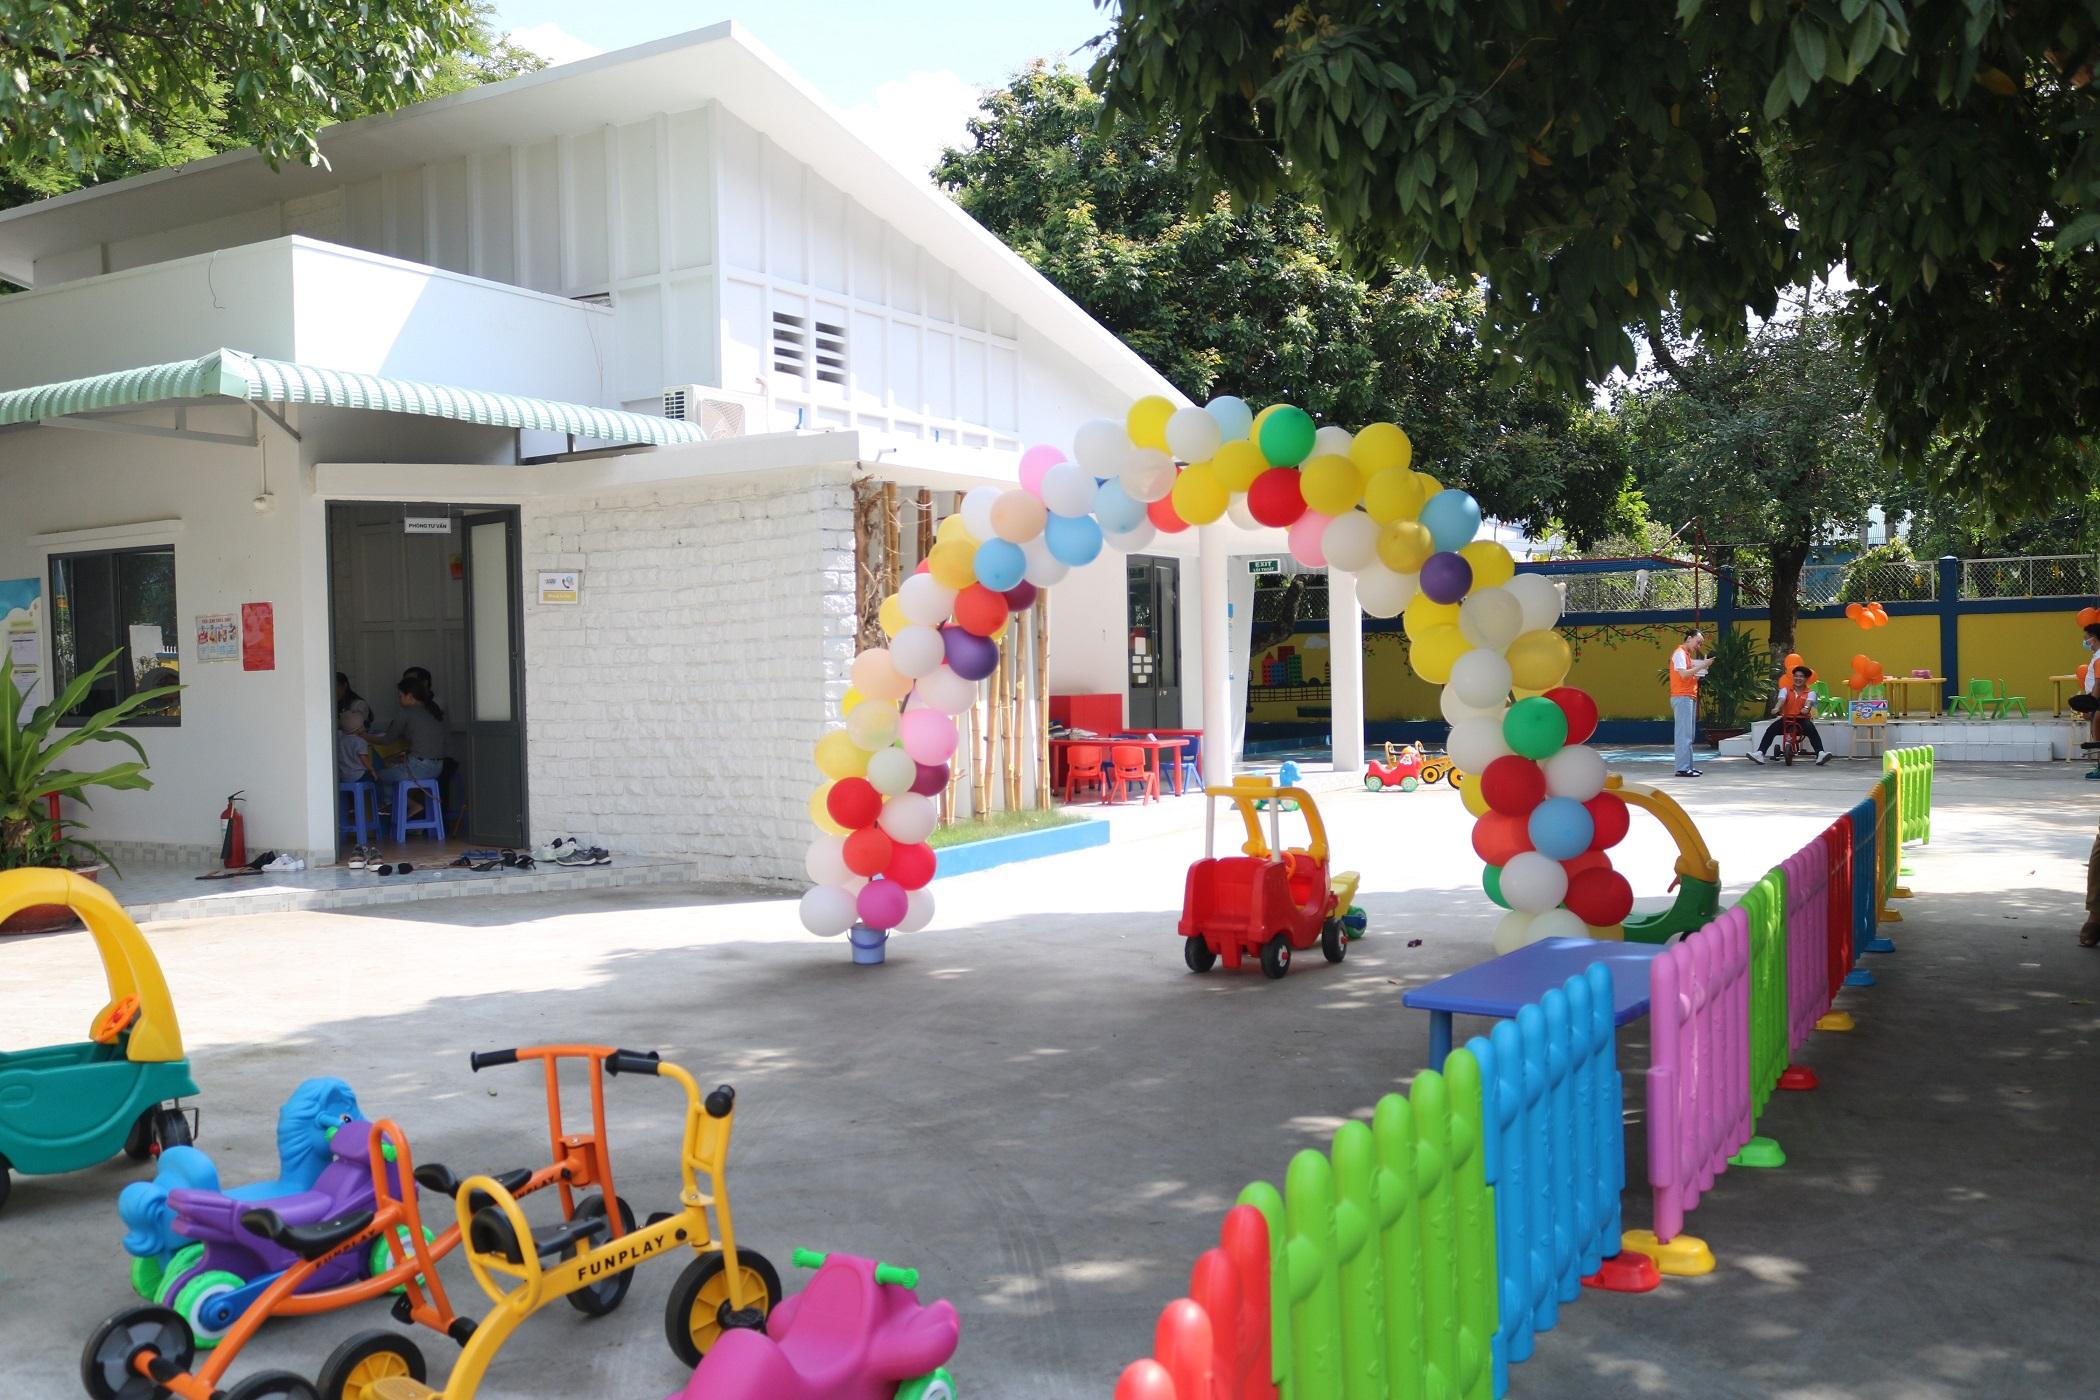 TOPEN DAY – SỰ KIỆN KHAI TRƯƠNG CƠ SỞ   KID'S CLUB HOA MẶT TRỜI